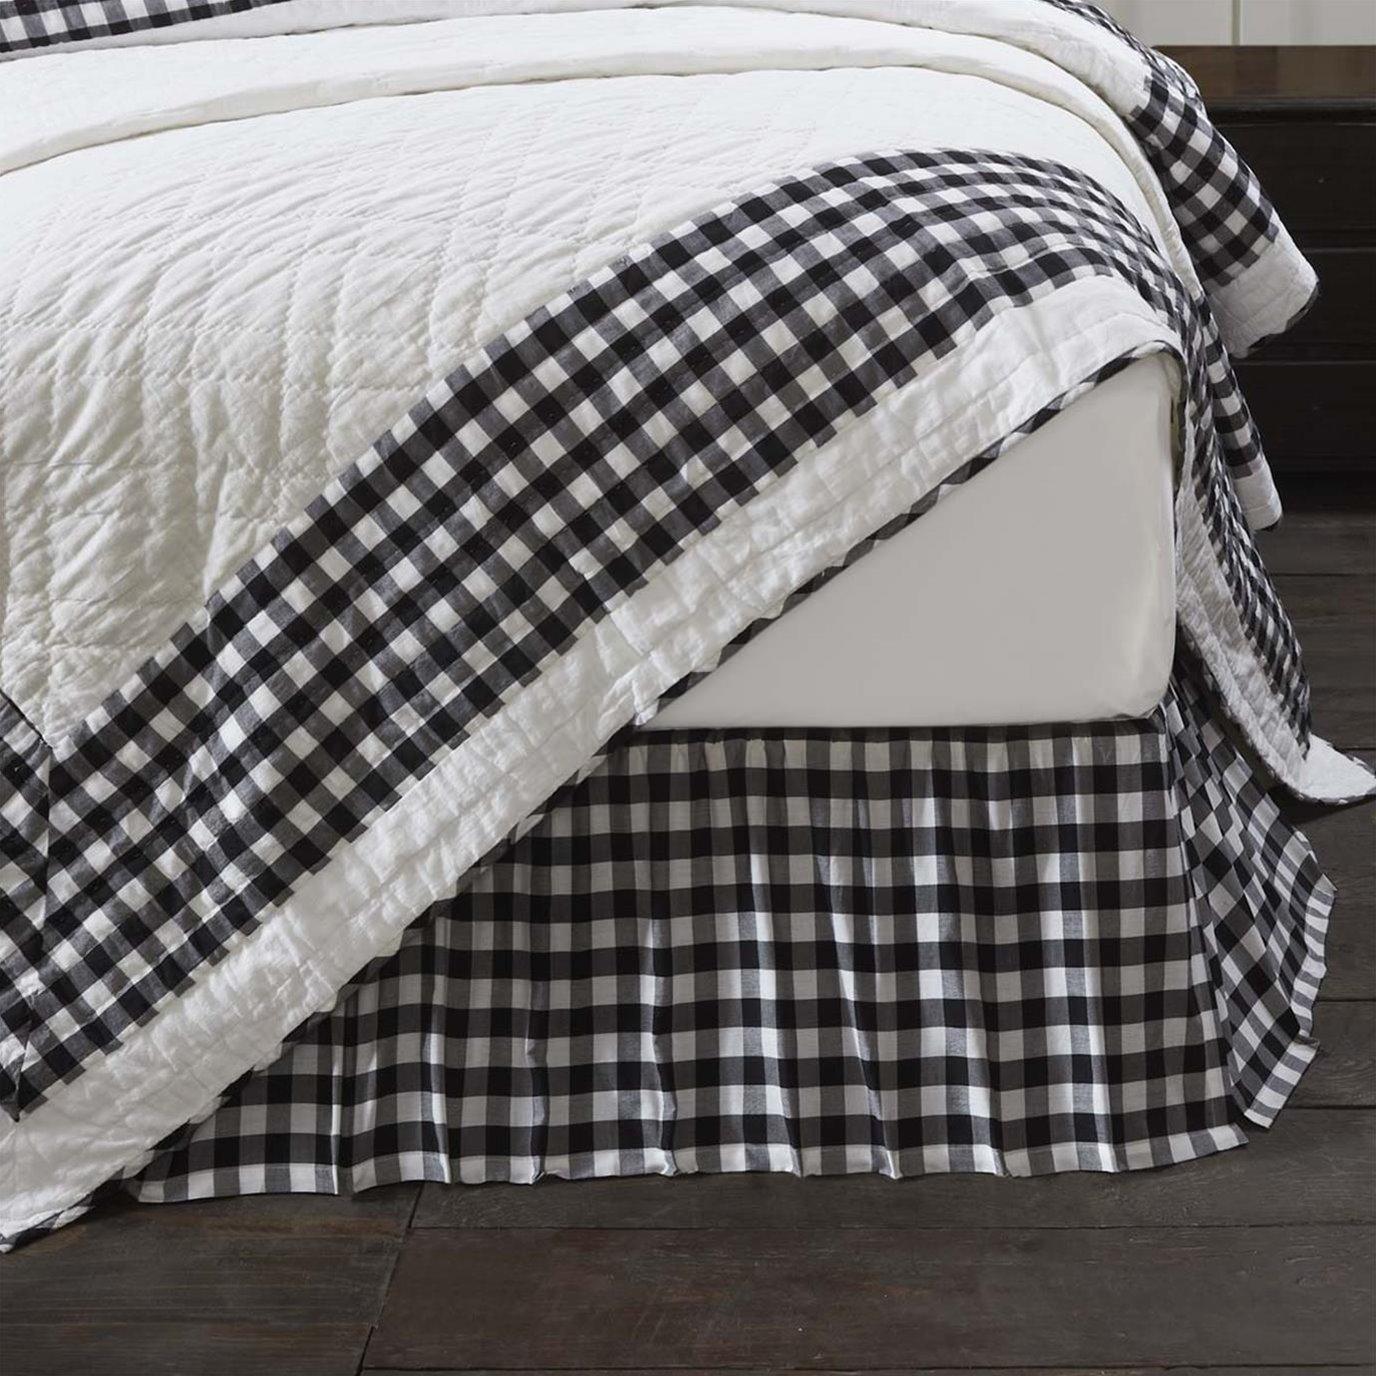 Annie Buffalo Black Check Queen Bed Skirt 60x80x16